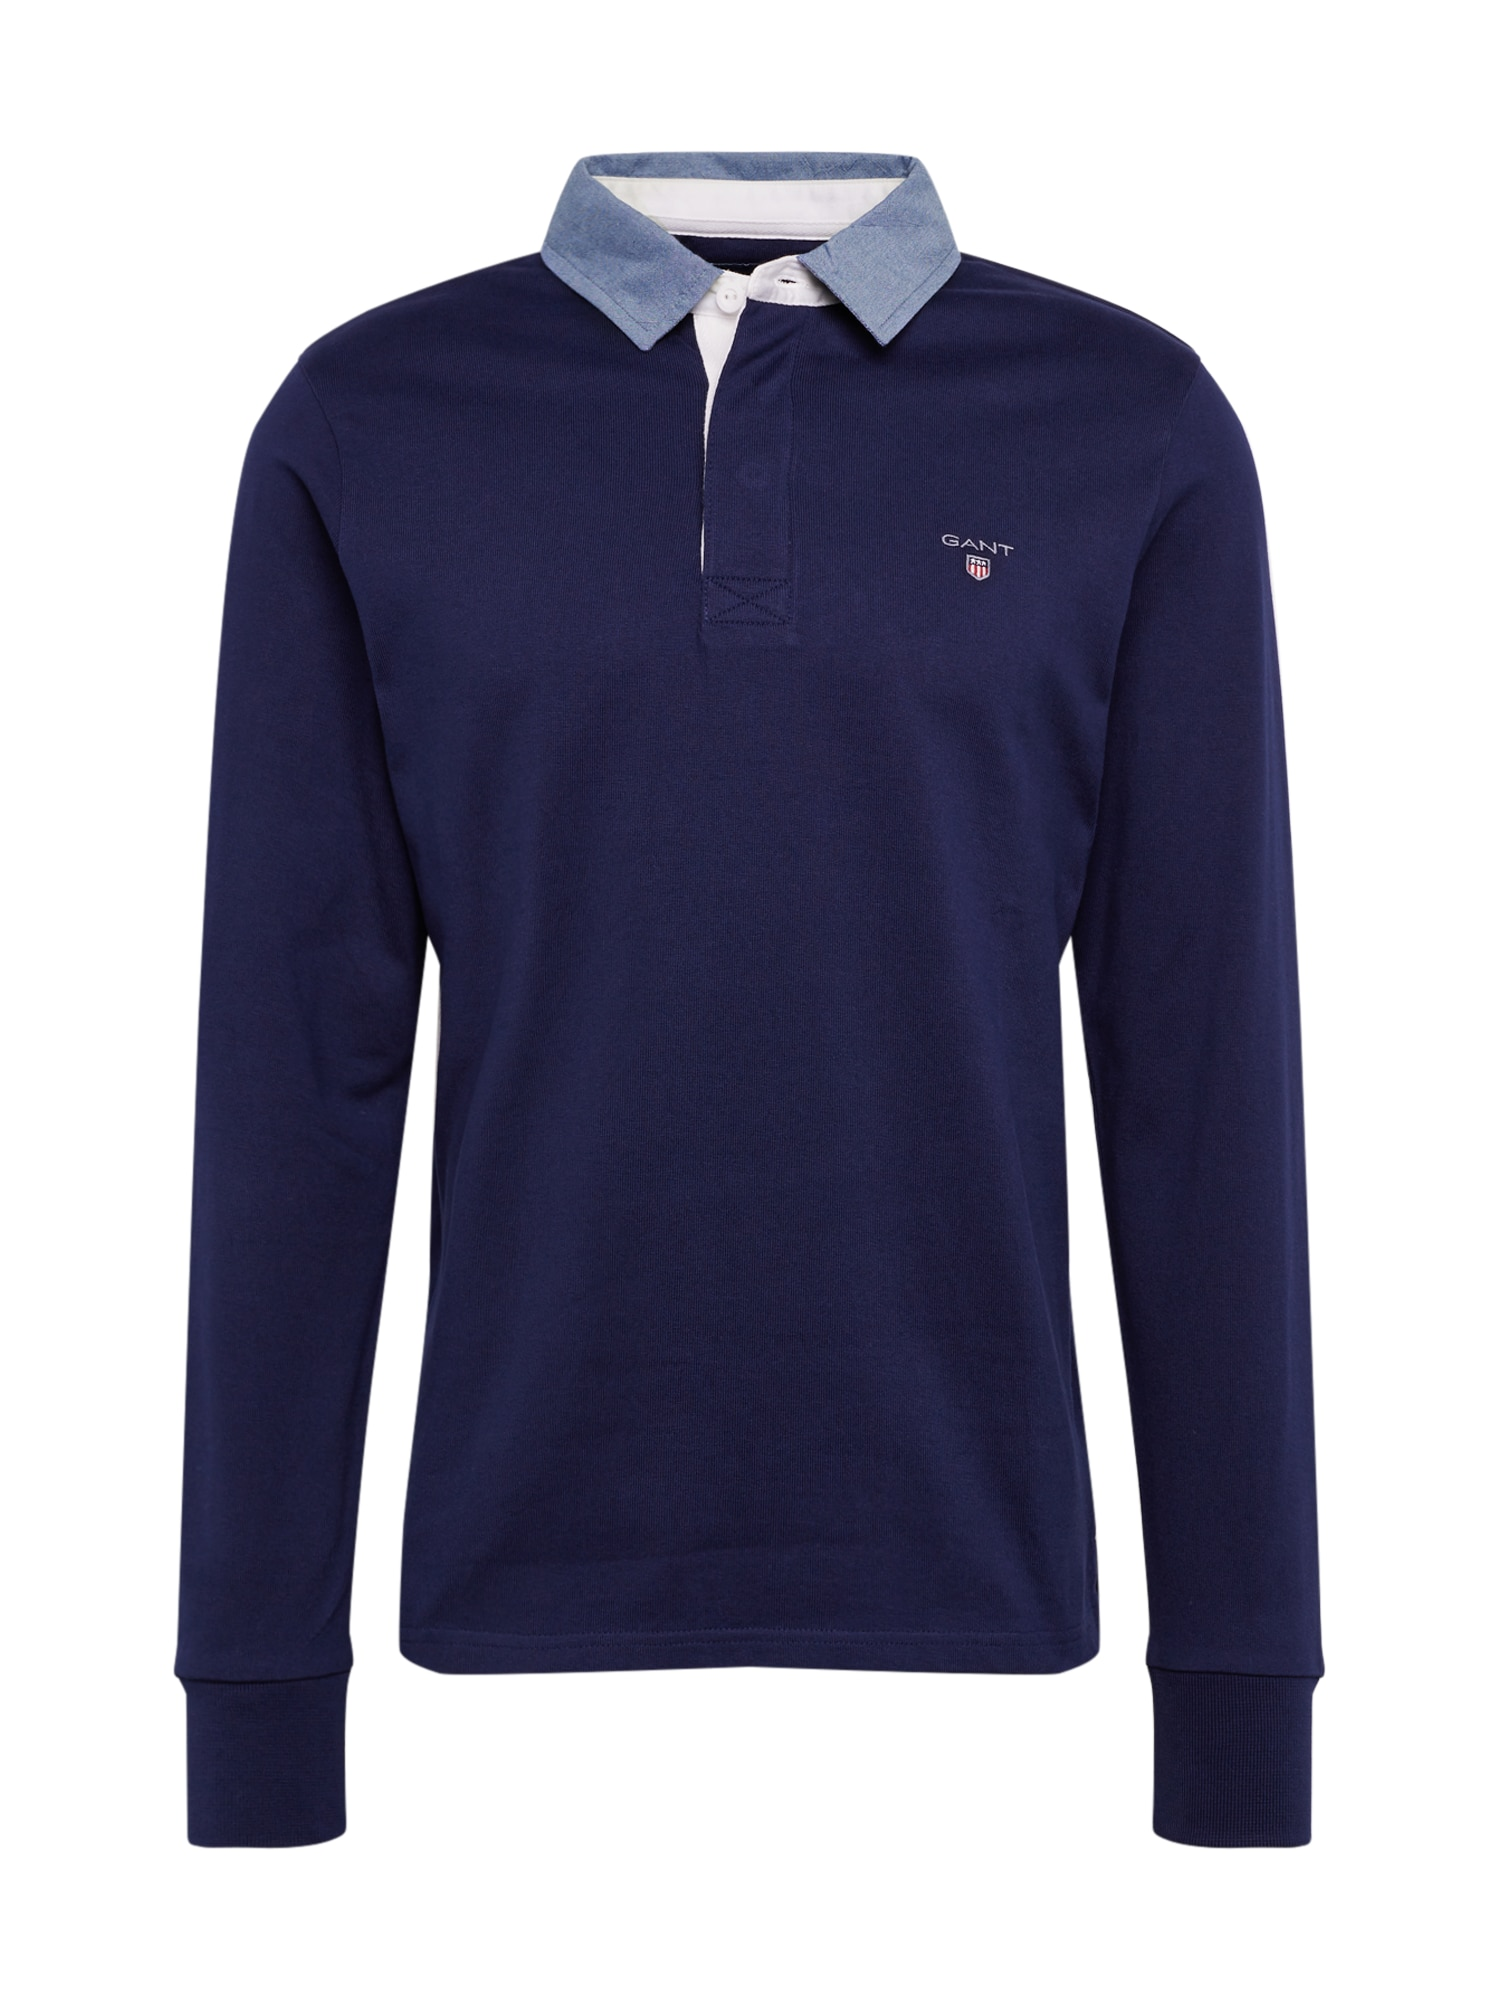 GANT Marškinėliai 'THE ORIGINAL HEAVY RUGGER' tamsiai mėlyna